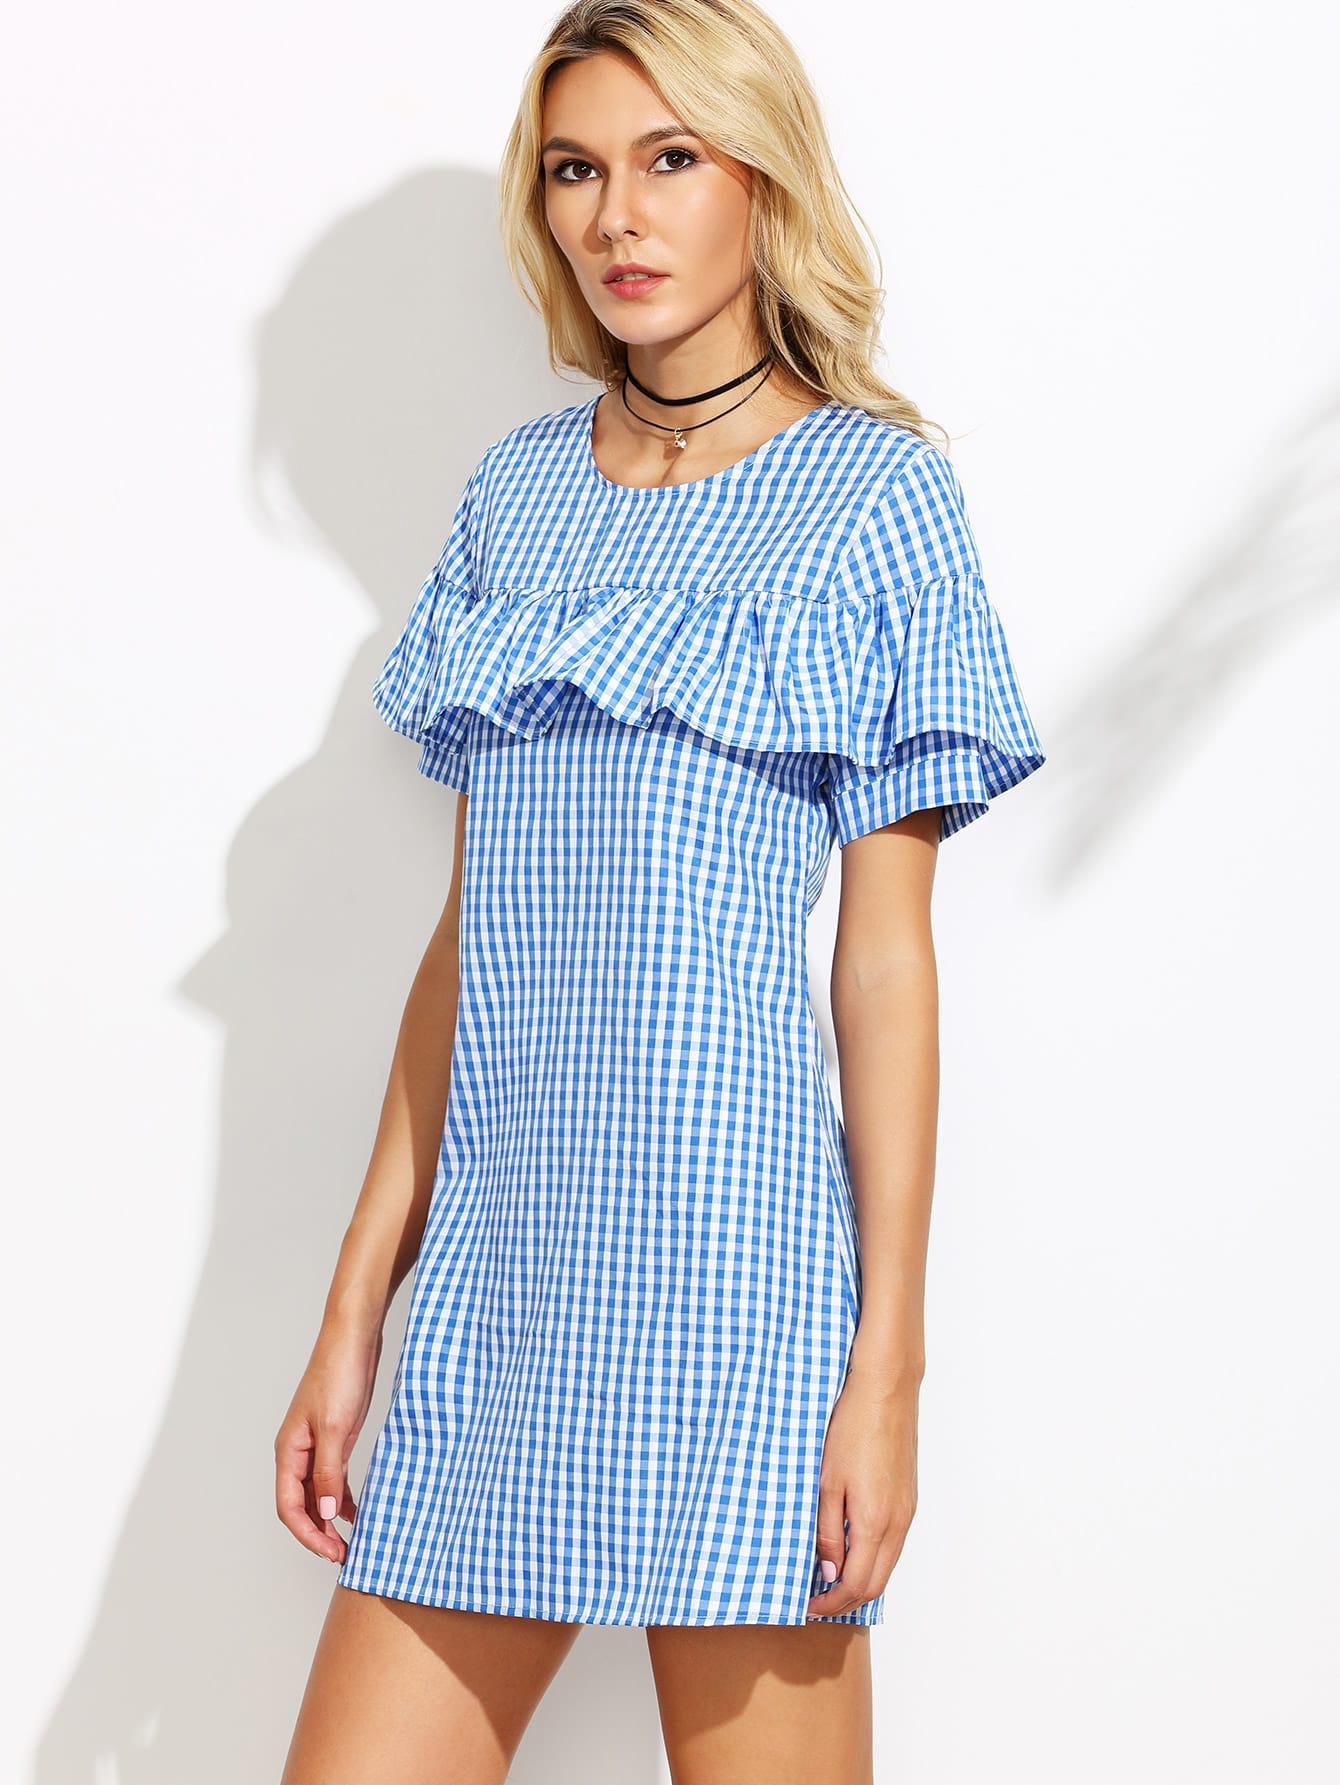 dress160817303_2